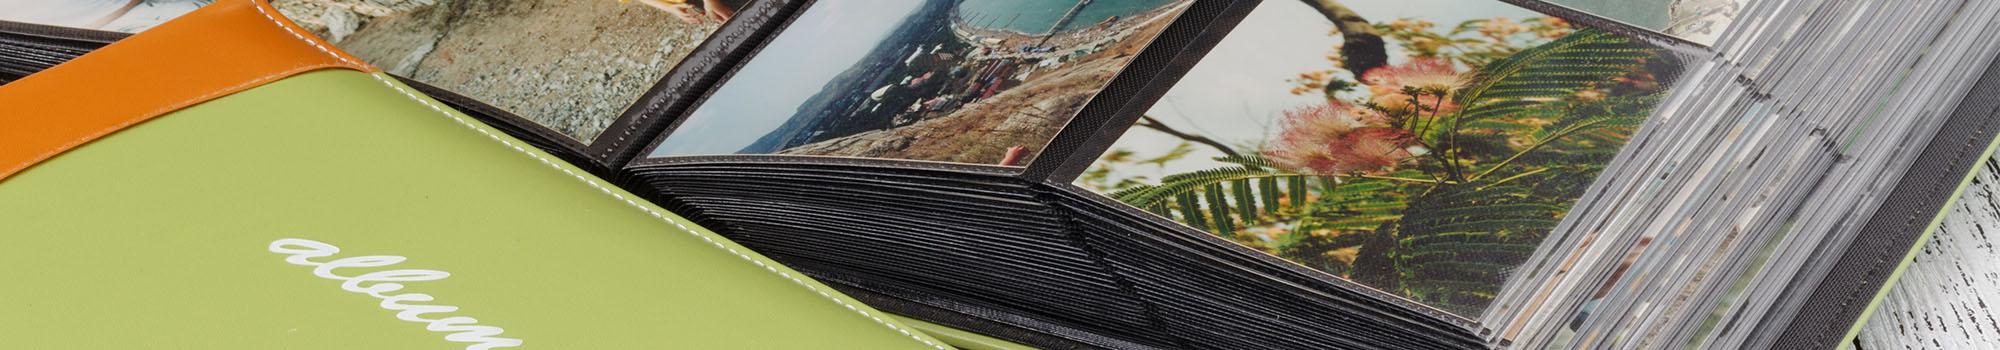 מתקדם אלבומי תמונות כיסים אלבומים לעיצוב אלבומי שורשים אלבומי בולים YX-27